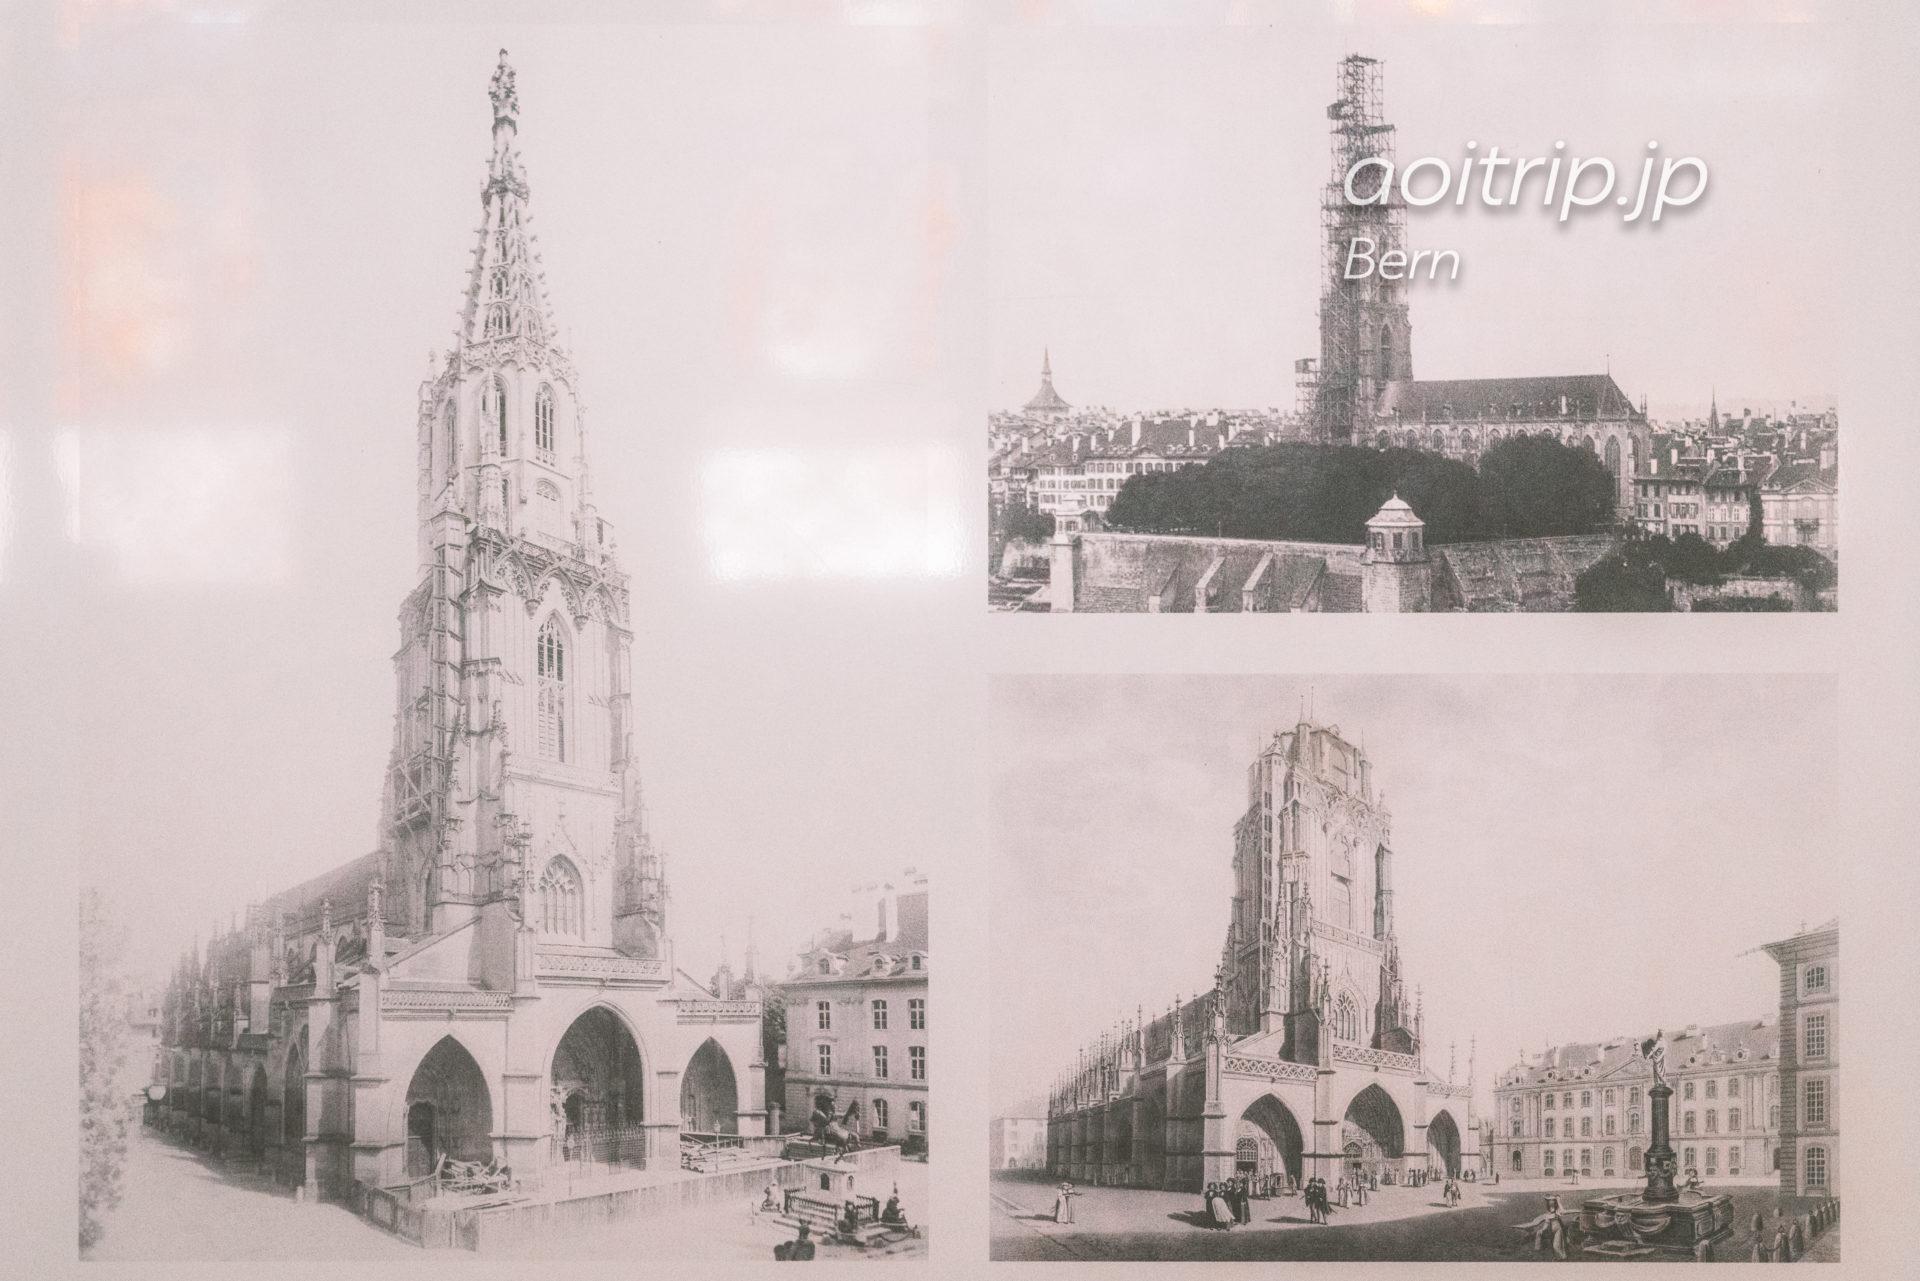 昔のベルン大聖堂